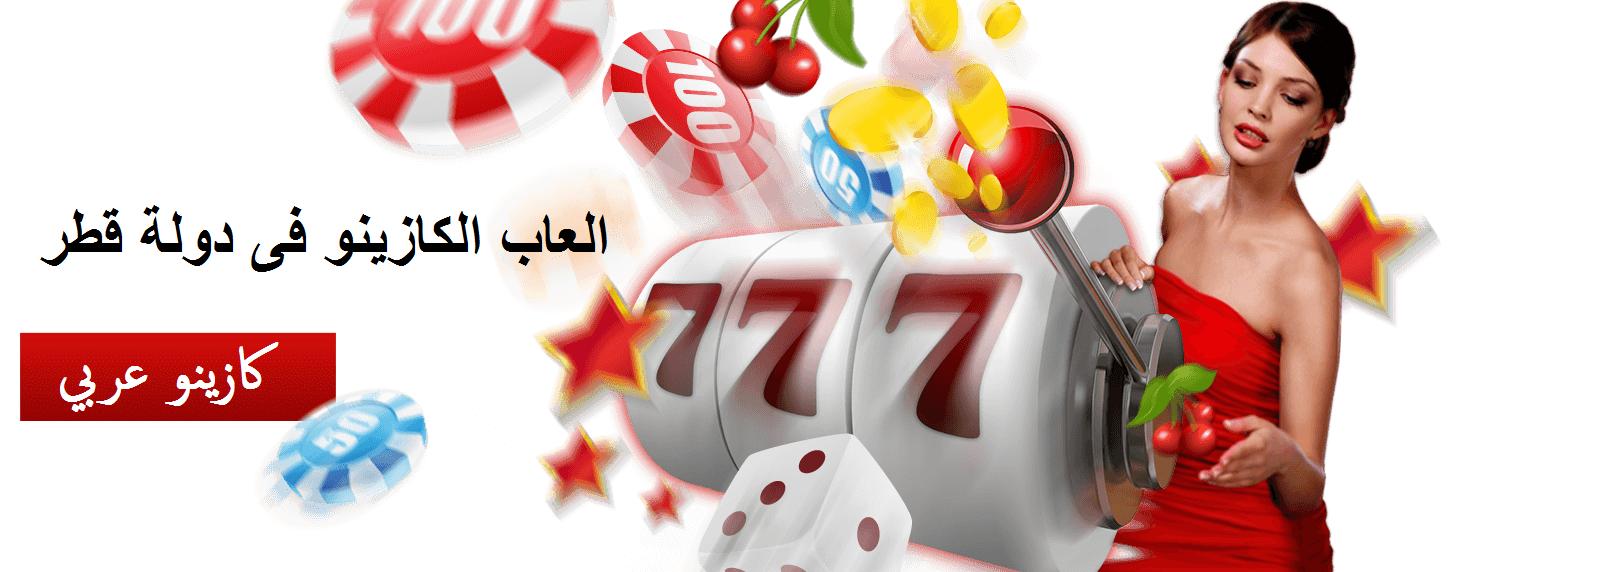 كازينو العرب - 42367